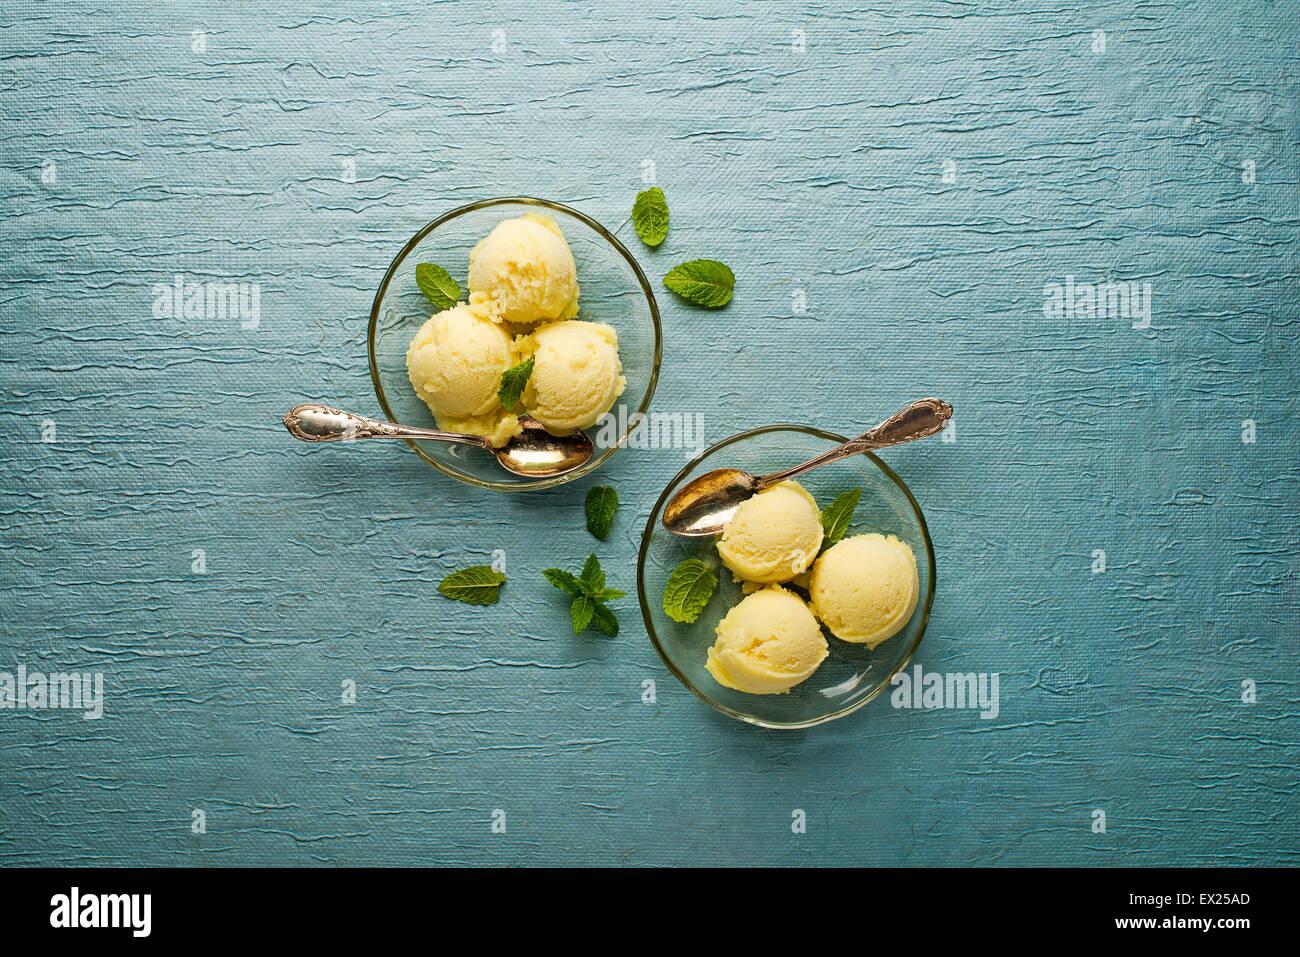 Frisches Obst Sorbet-Eis in einer Glasplatte - Überkopf-Aufnahmen. Stockbild